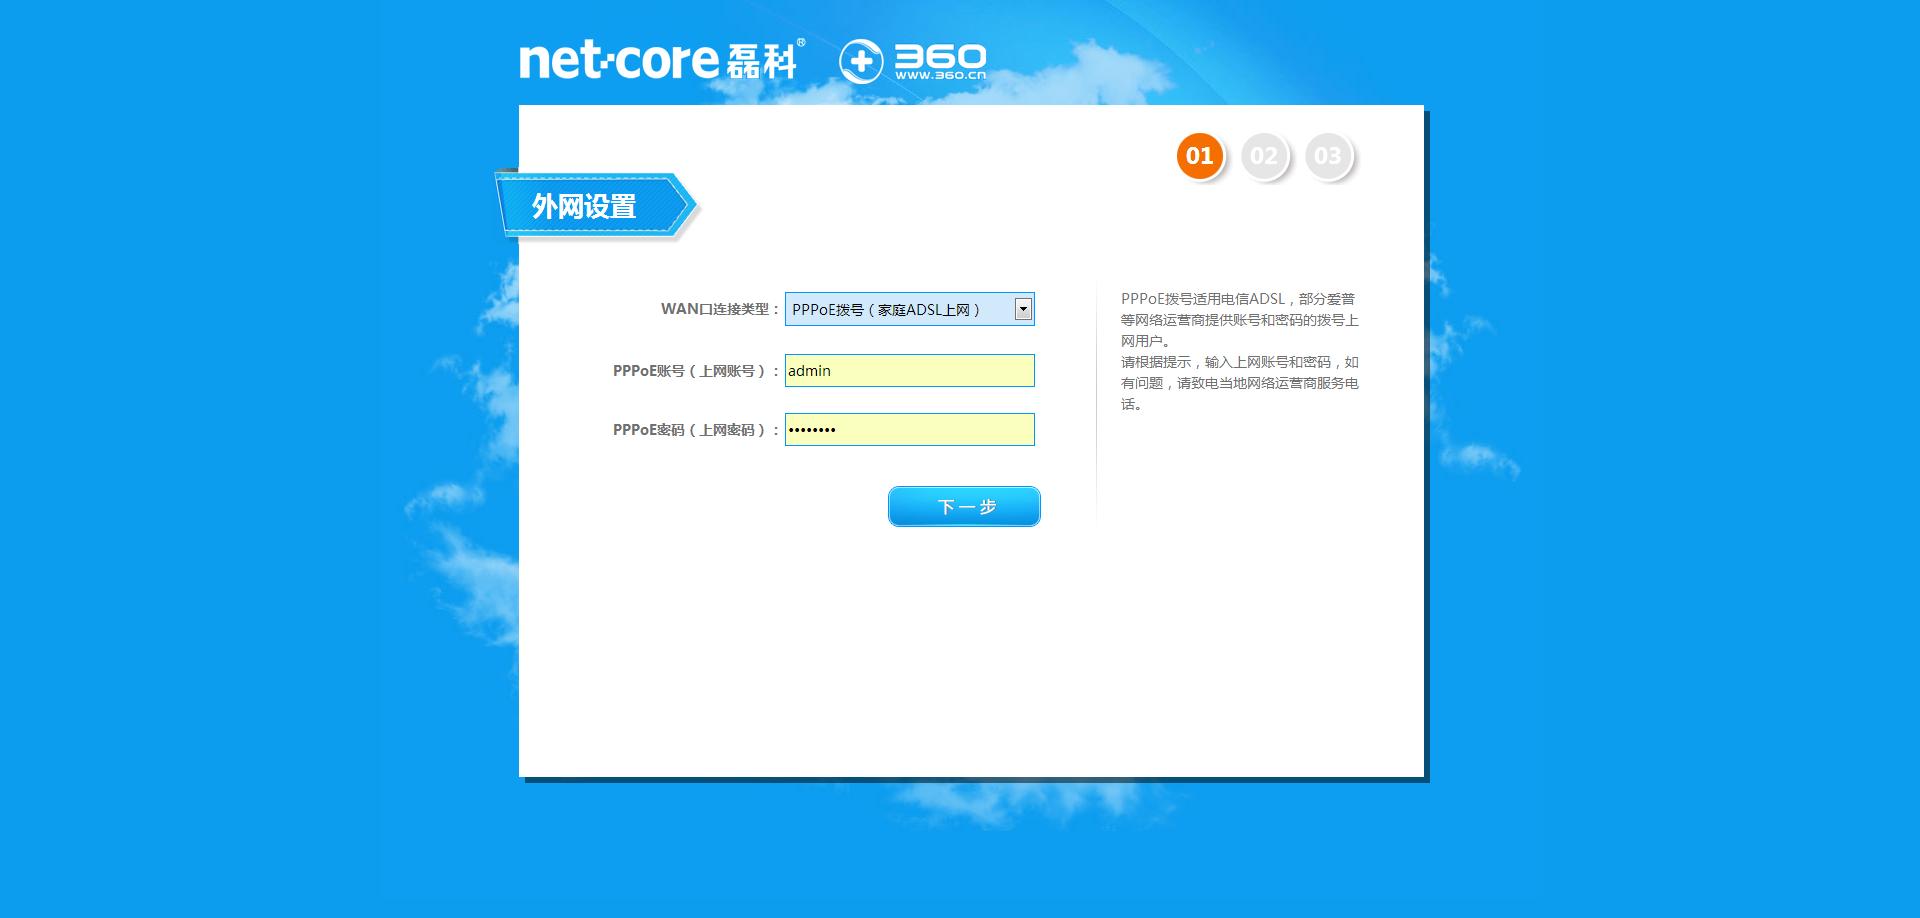 外国黄色网址登录_360路由器登录网址【相关词_ 360路由器设置网址】